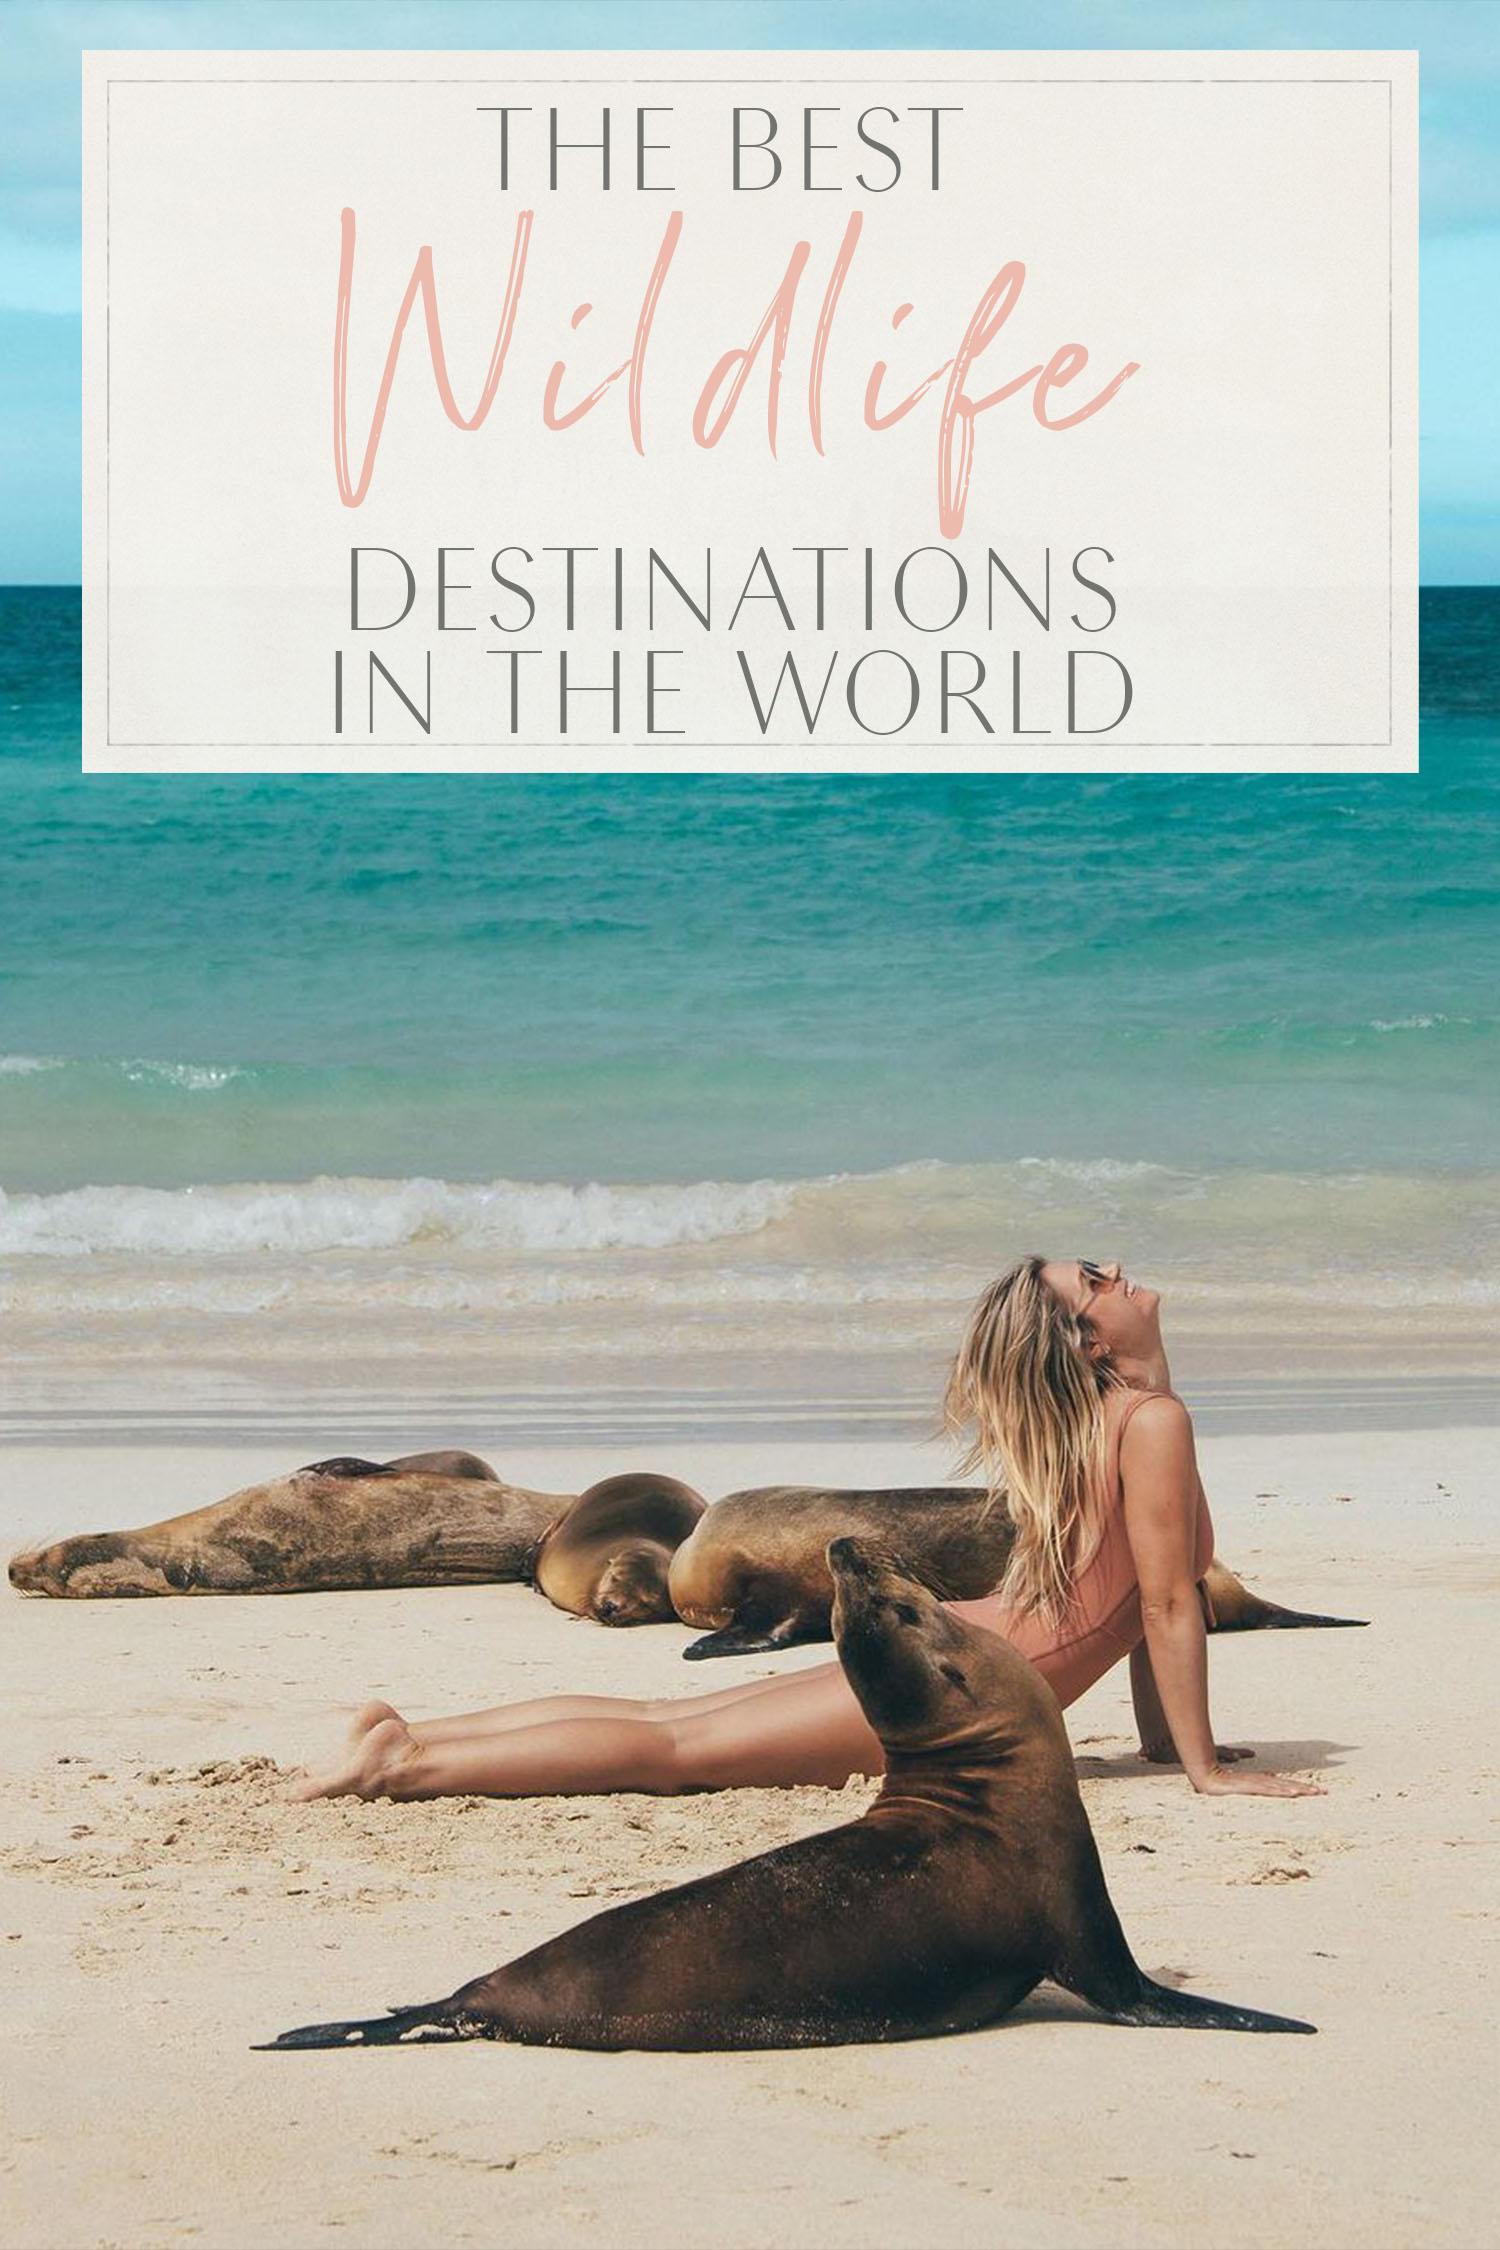 Best Wildlife Destinations World